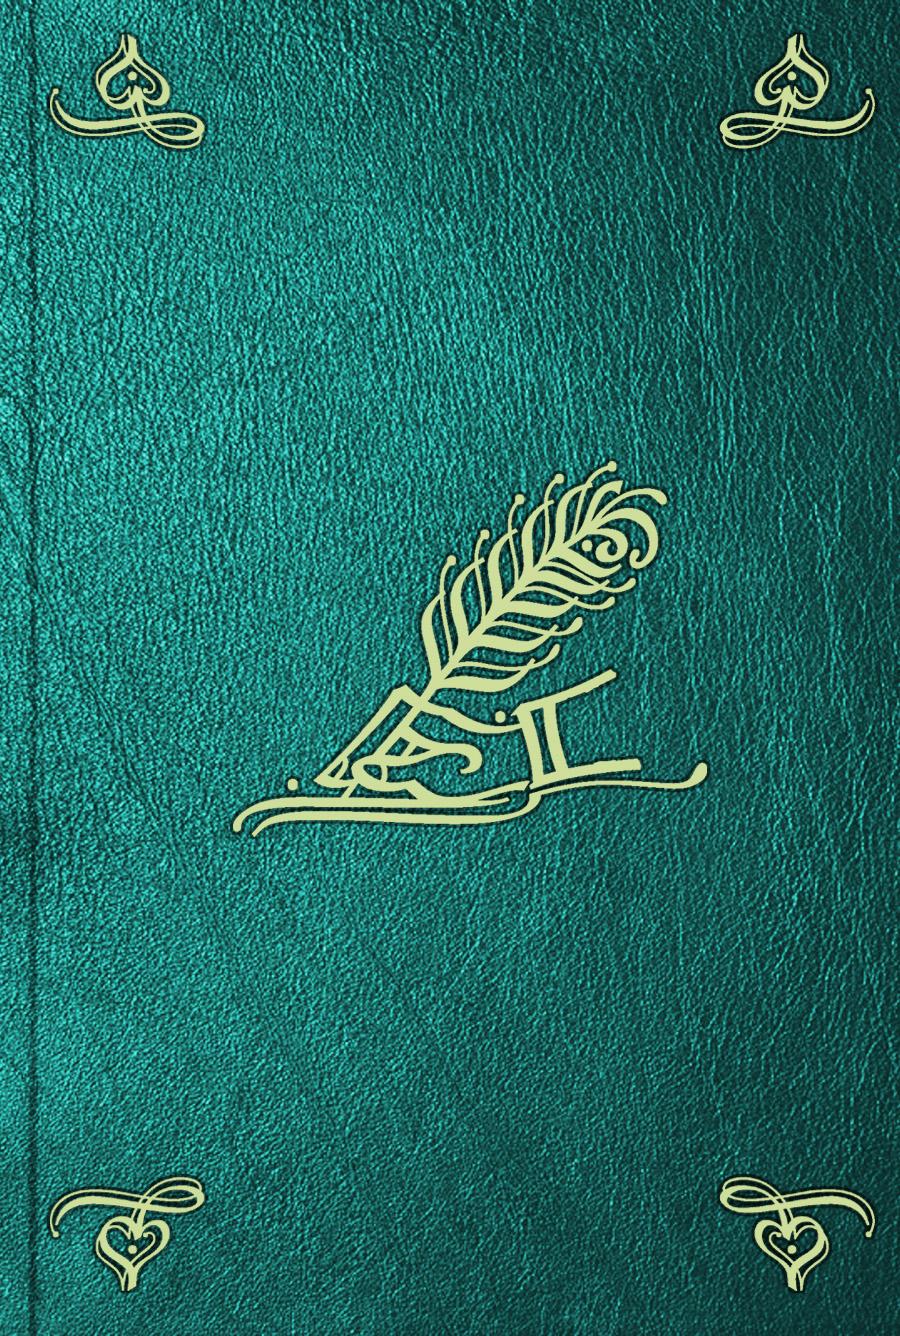 Comte de Buffon Georges Louis Leclerc Histoire naturelle. T. 4. Oiseaux comte de buffon georges louis leclerc histoire naturelle t 6 oiseaux